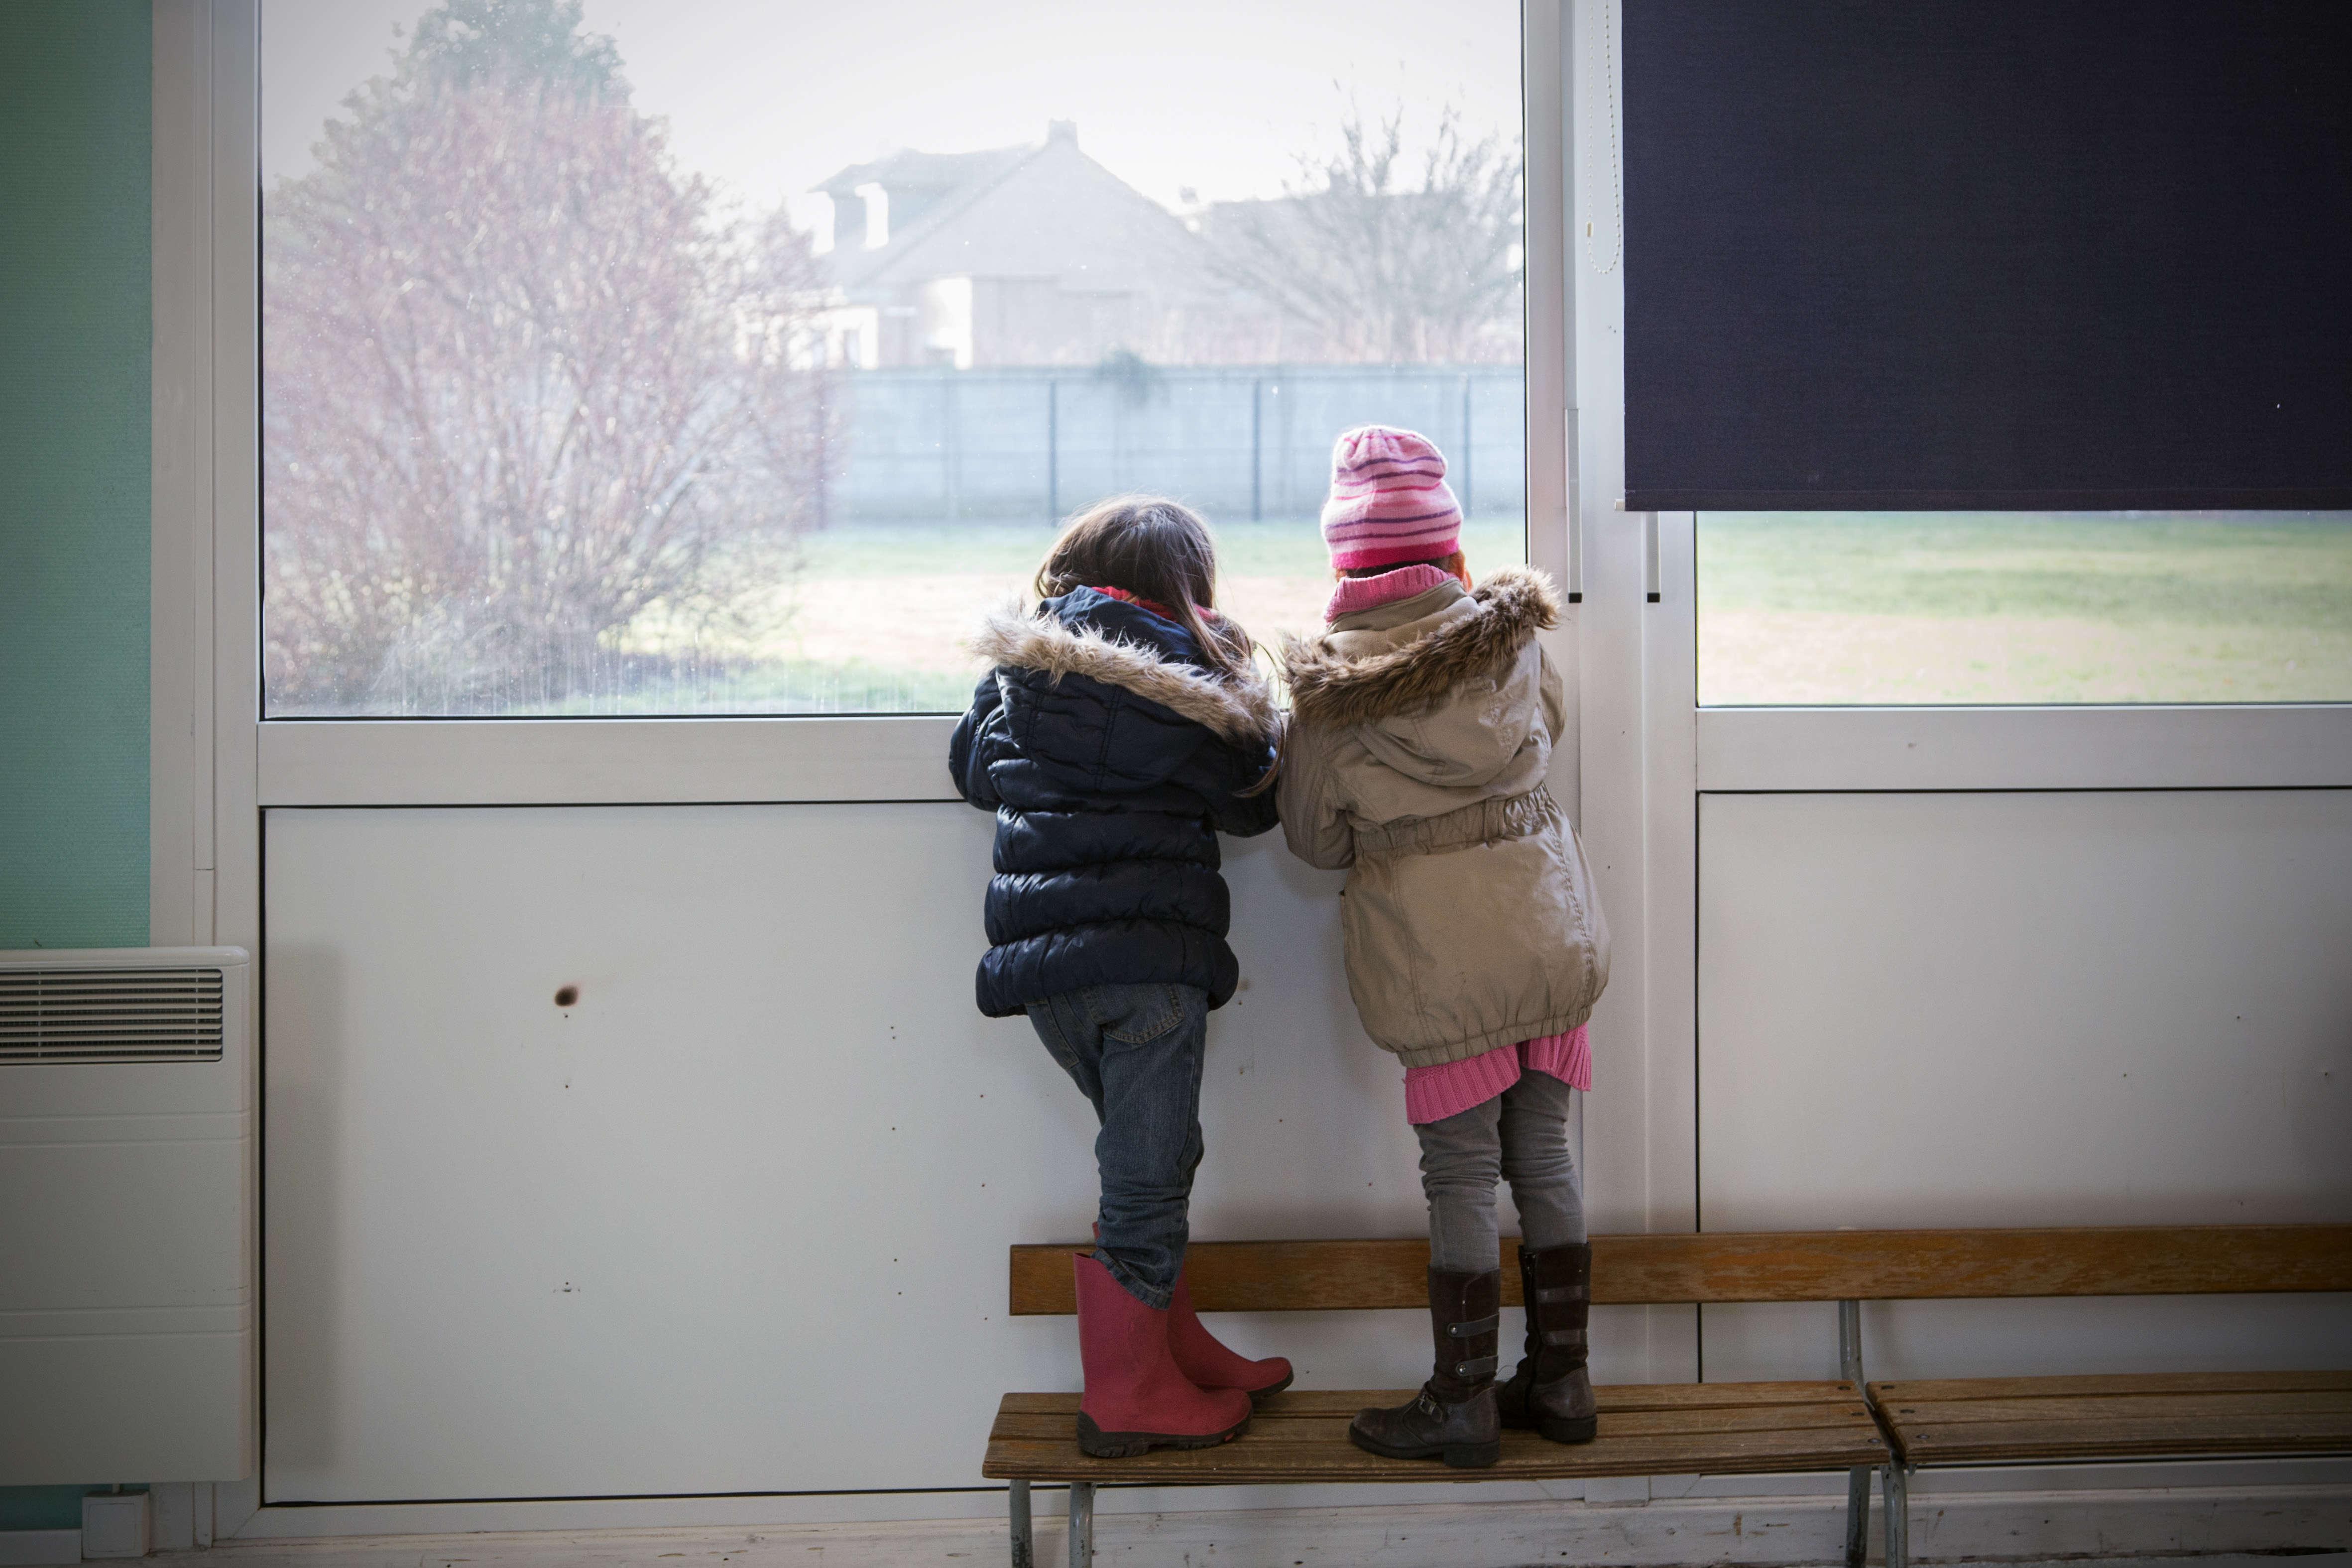 L'école Francisco-Ferrer accueille à la fois des enfants de Grande-Synthe (ici sur la photo) et des enfants du camp de la Linière, ainsi nommé à cause d'une ancienne usine de triage de lin qui lui fait face.